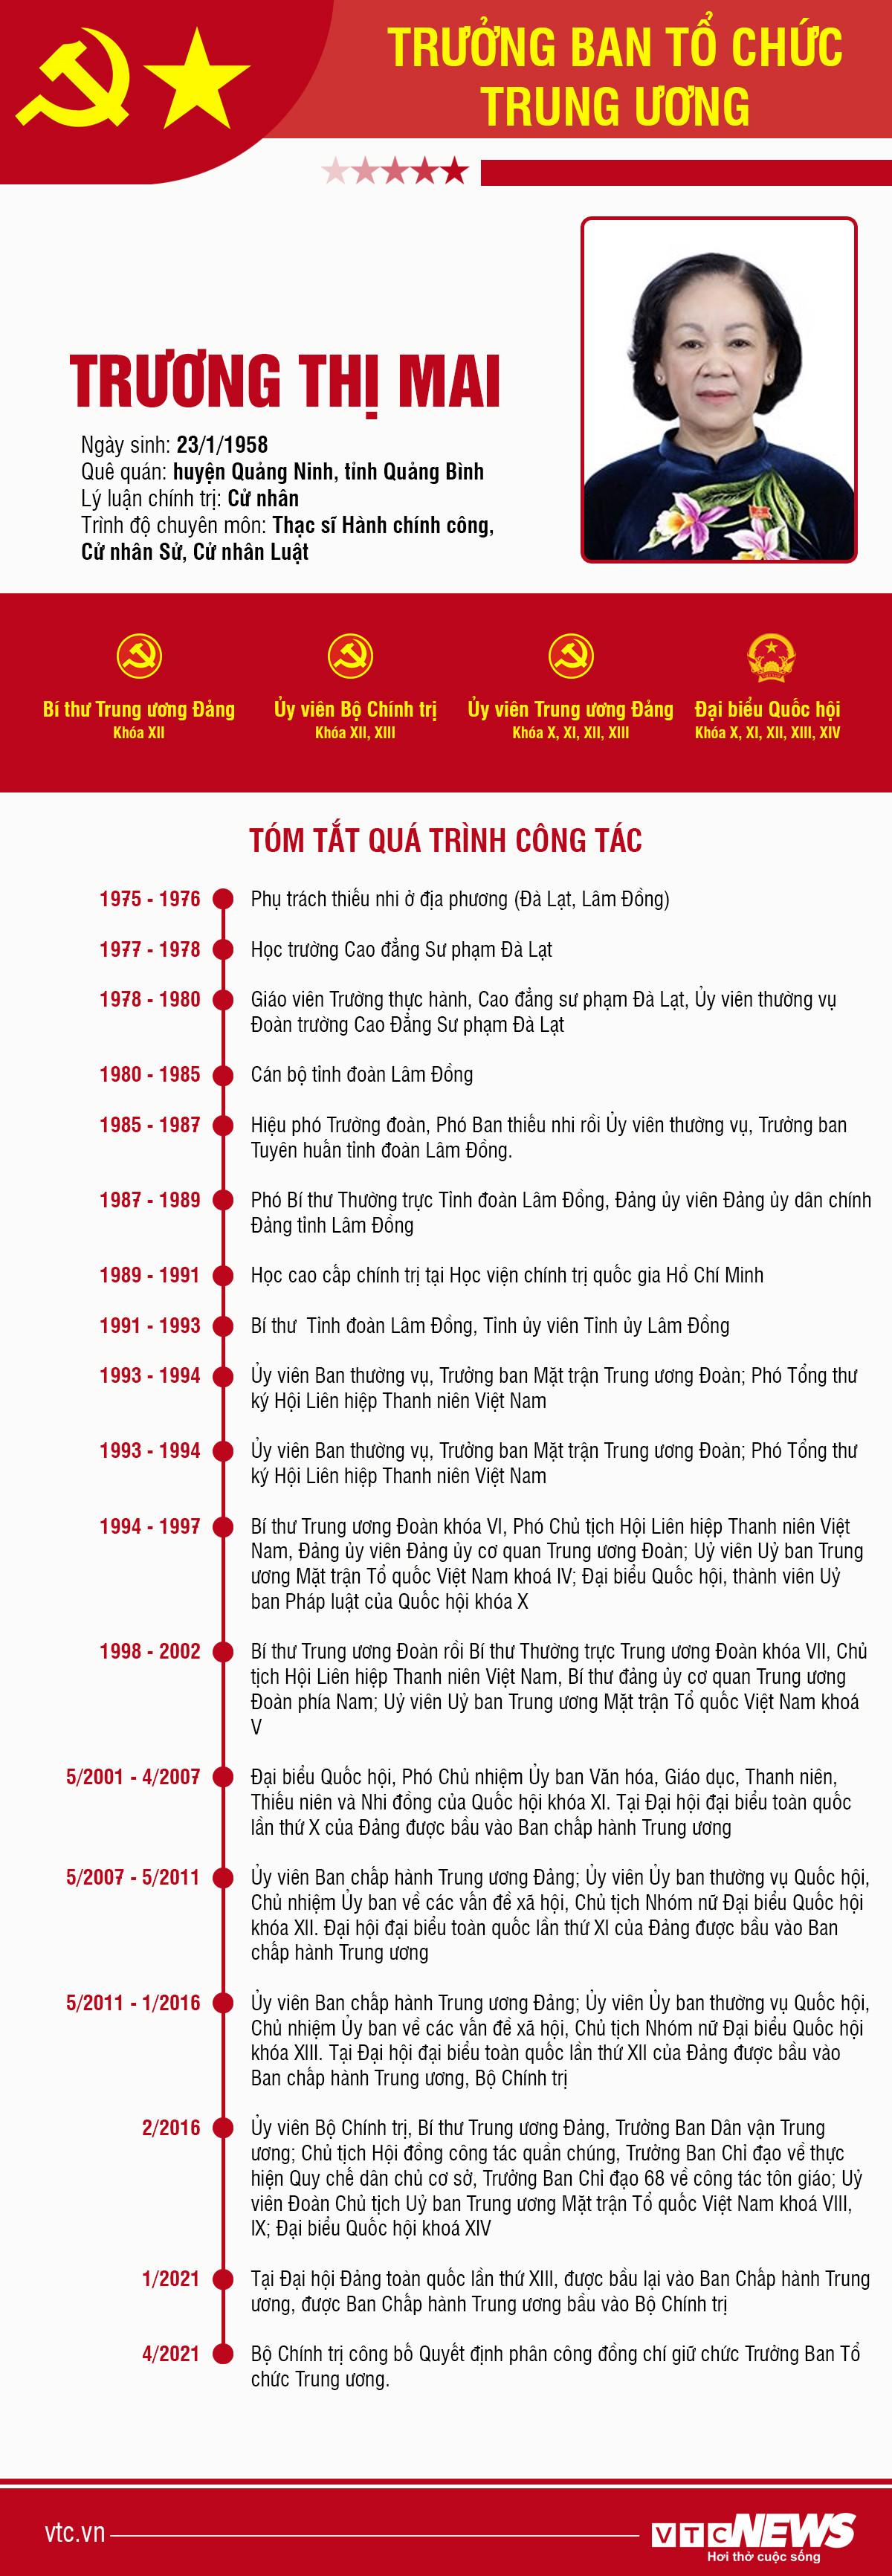 Infographic: Sự nghiệp Trưởng ban Tổ chức Trung ương Trương Thị Mai - 1